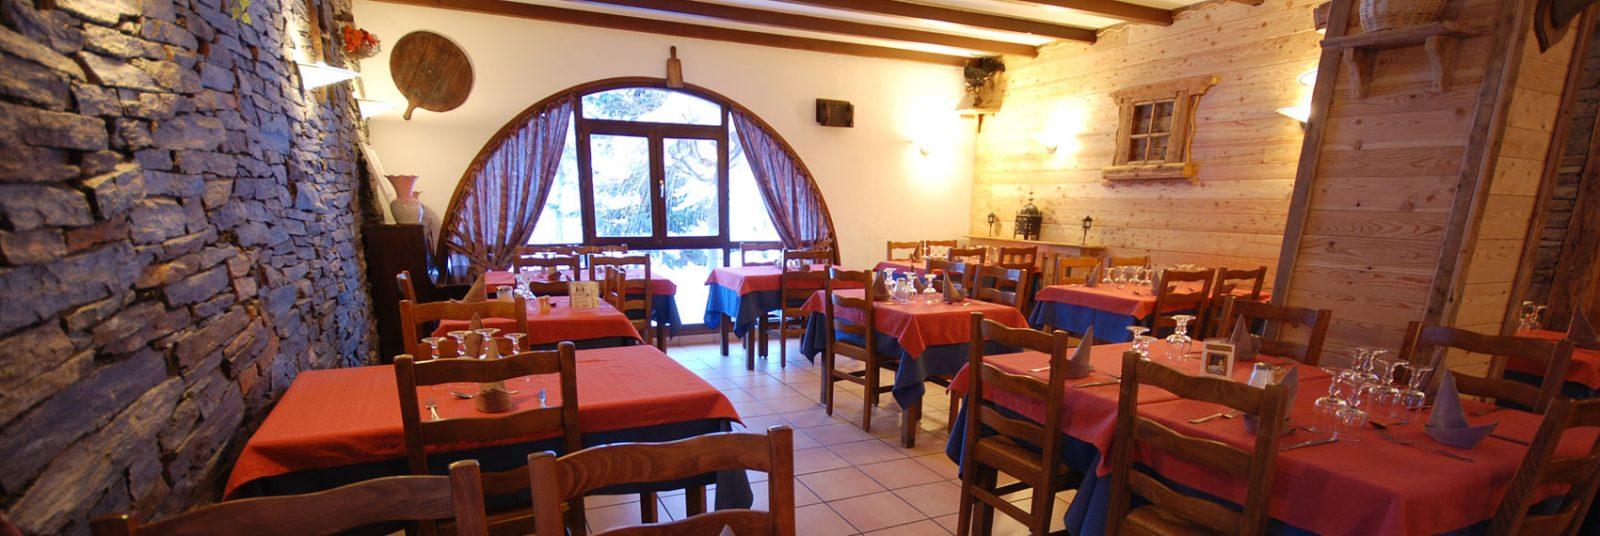 Restaurant Puy St Vincent